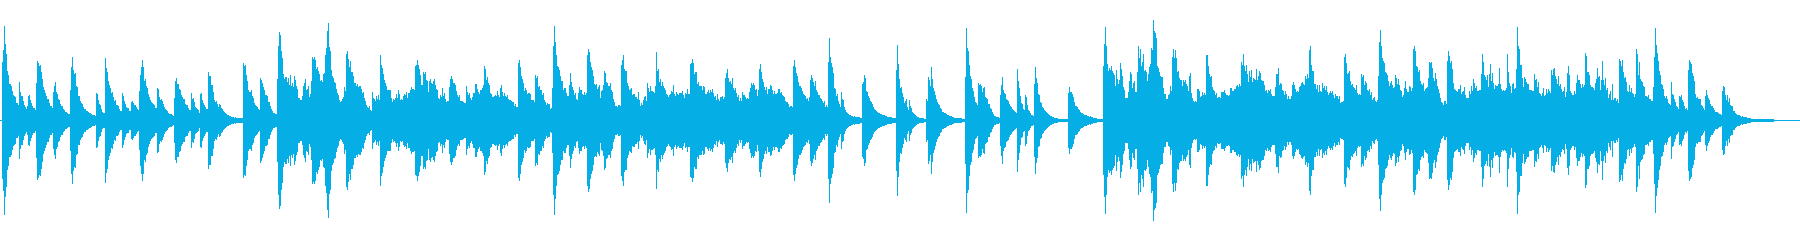 幻想的なピアノ4重奏の再生済みの波形